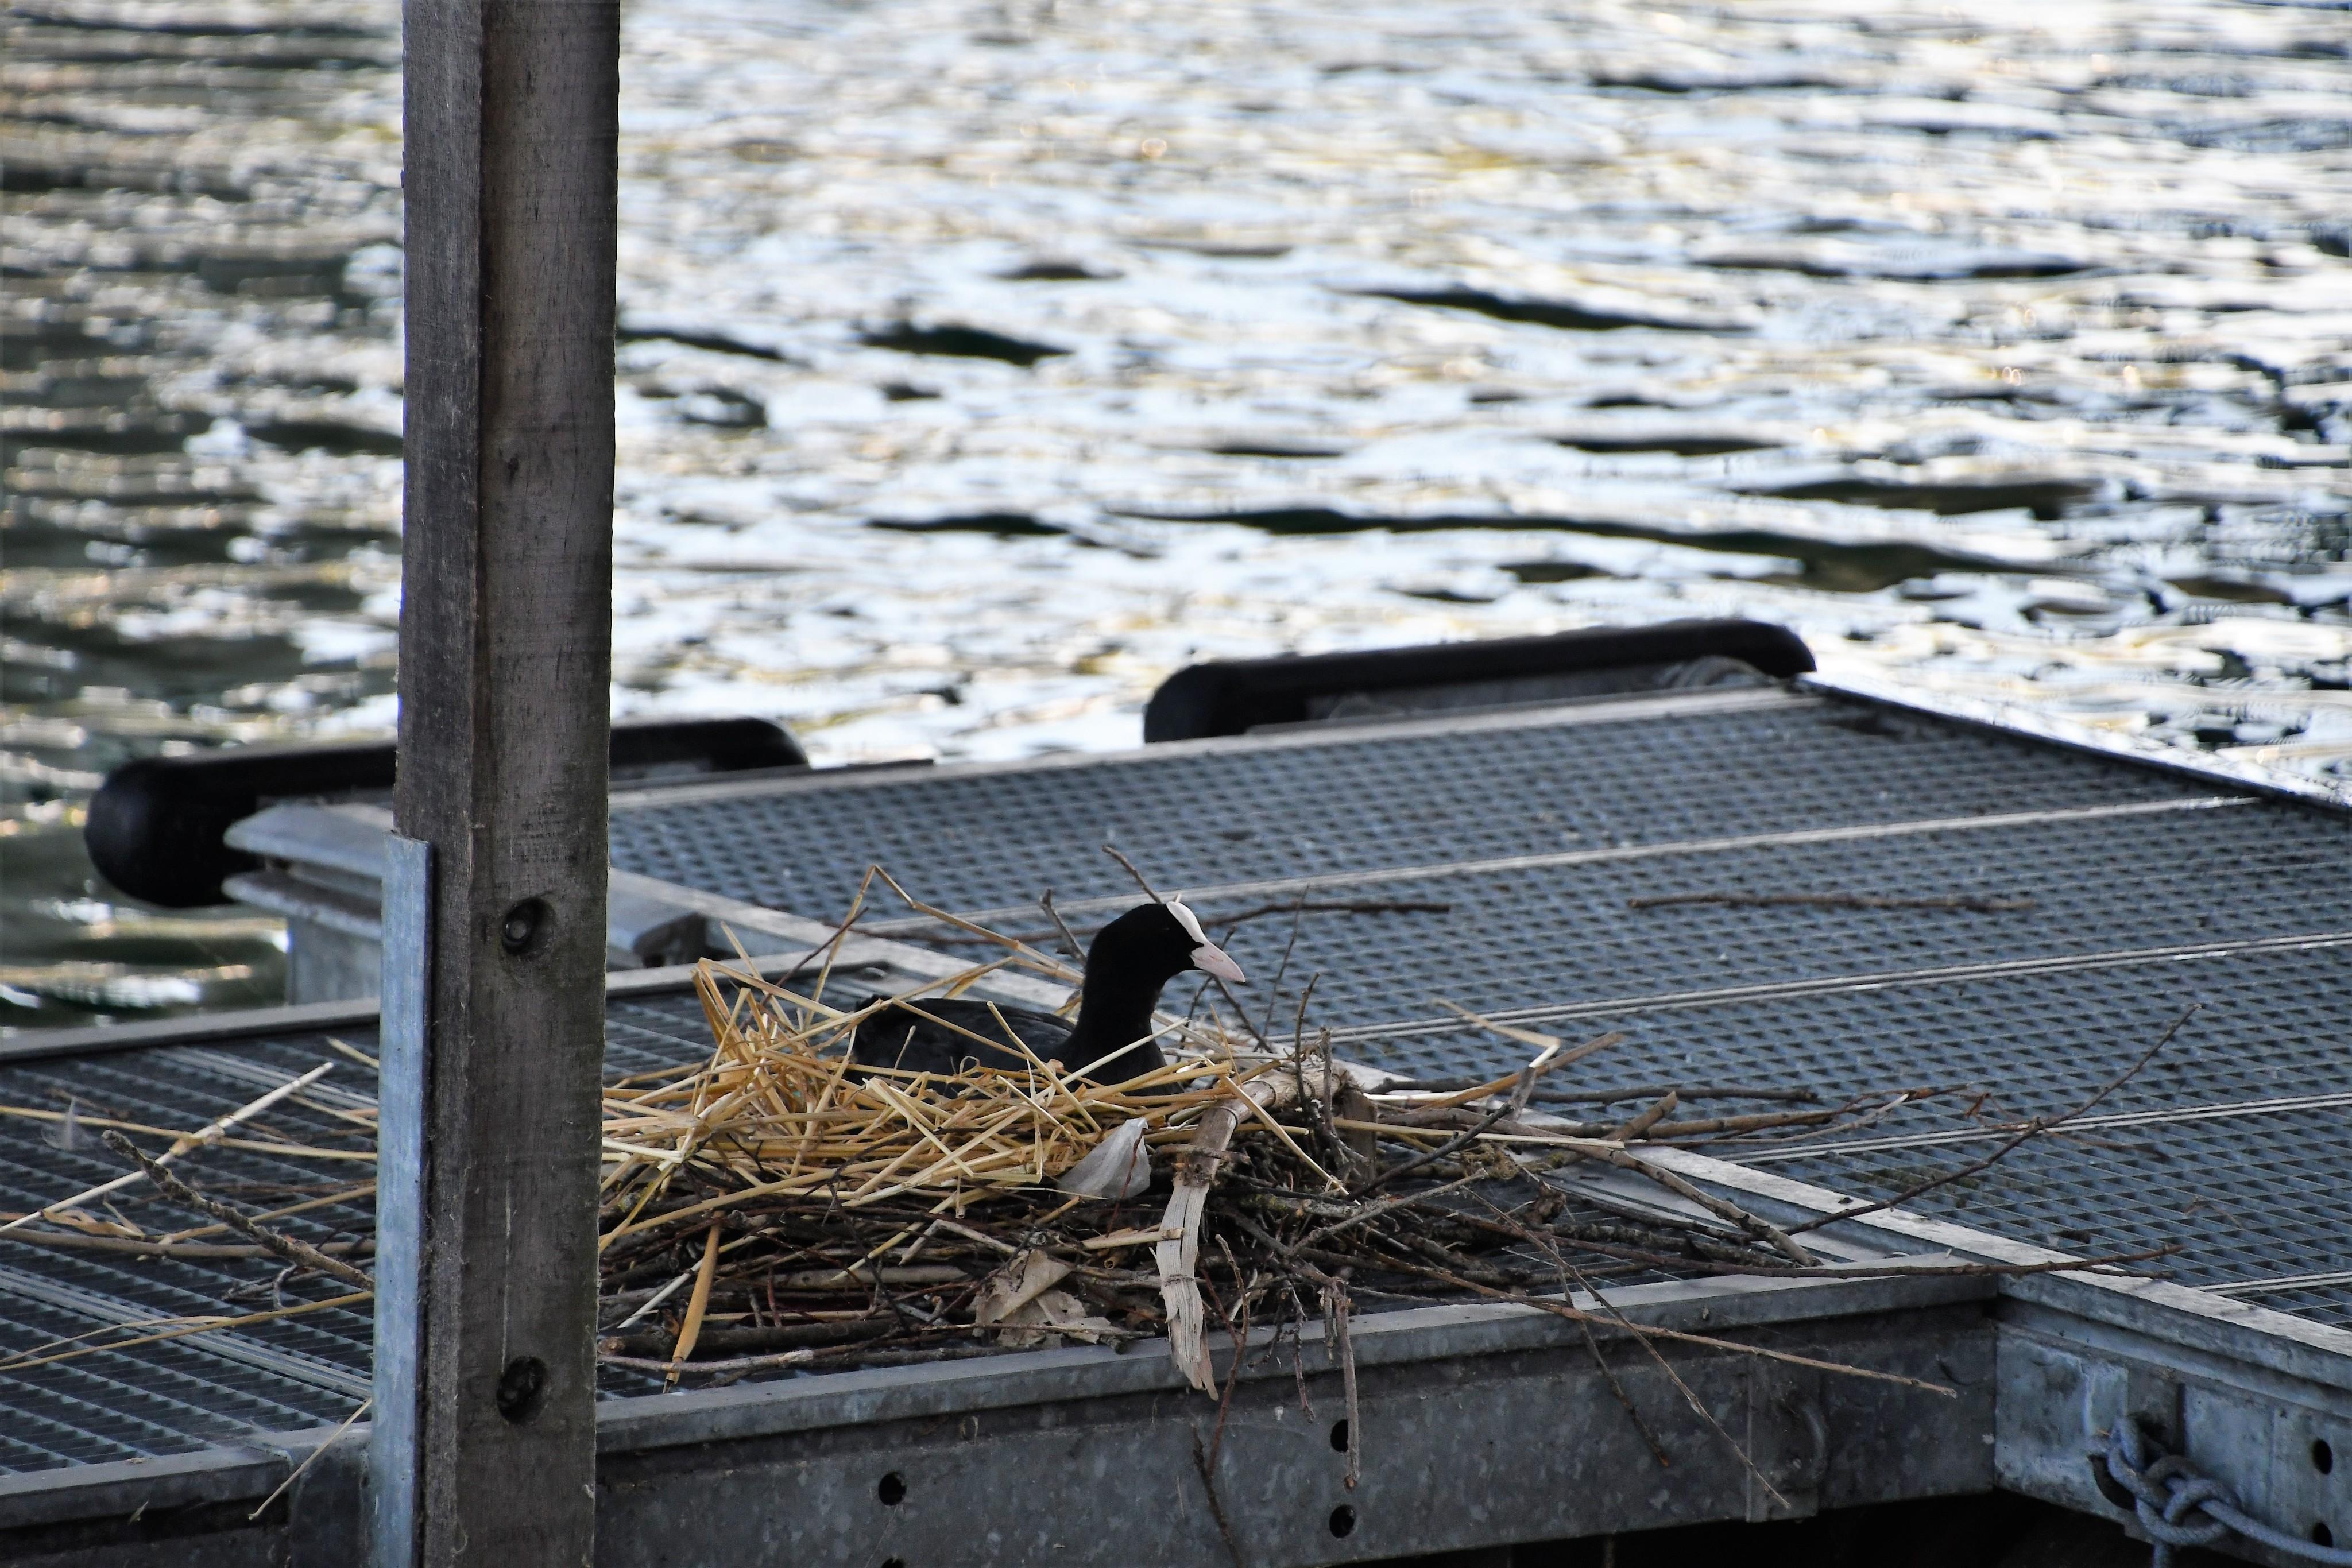 duck-nest-23.07.2019-1